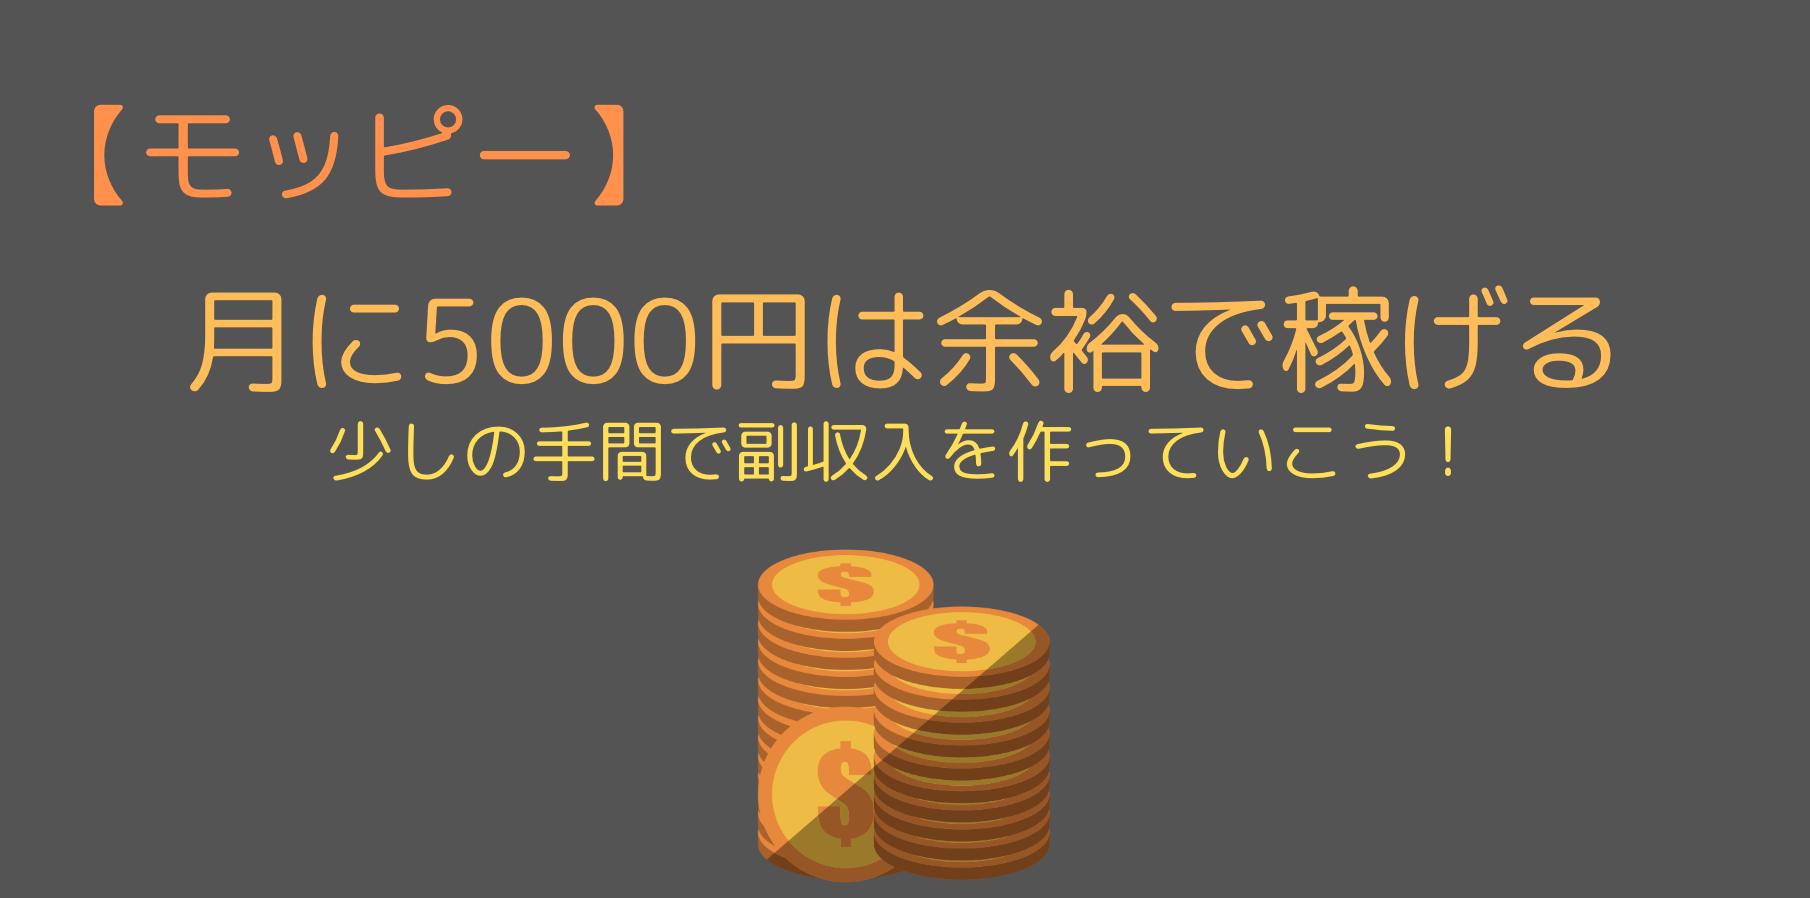 月に5000円稼いでみるためには?